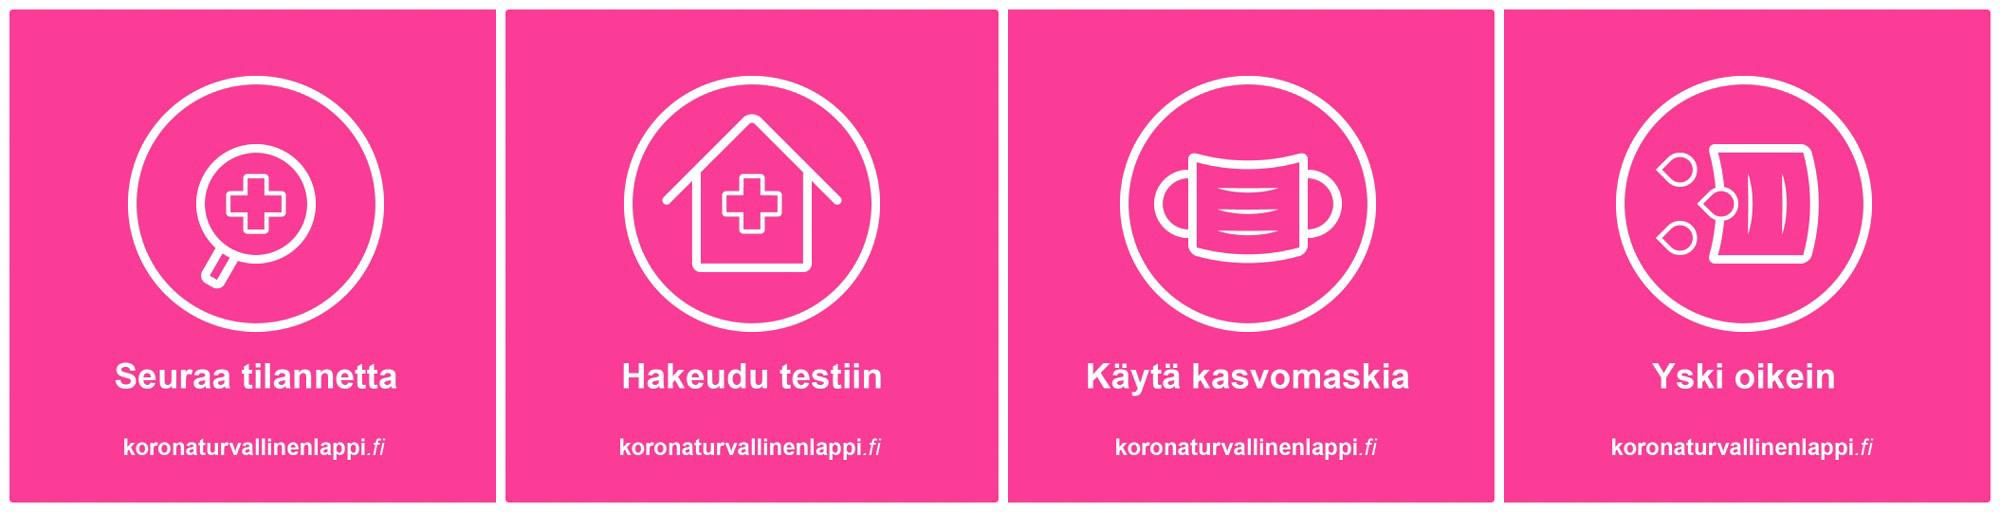 Koronaturvallinen Lappi Visit Rovaniemi matkaile Lapissa terveysturvallisesti